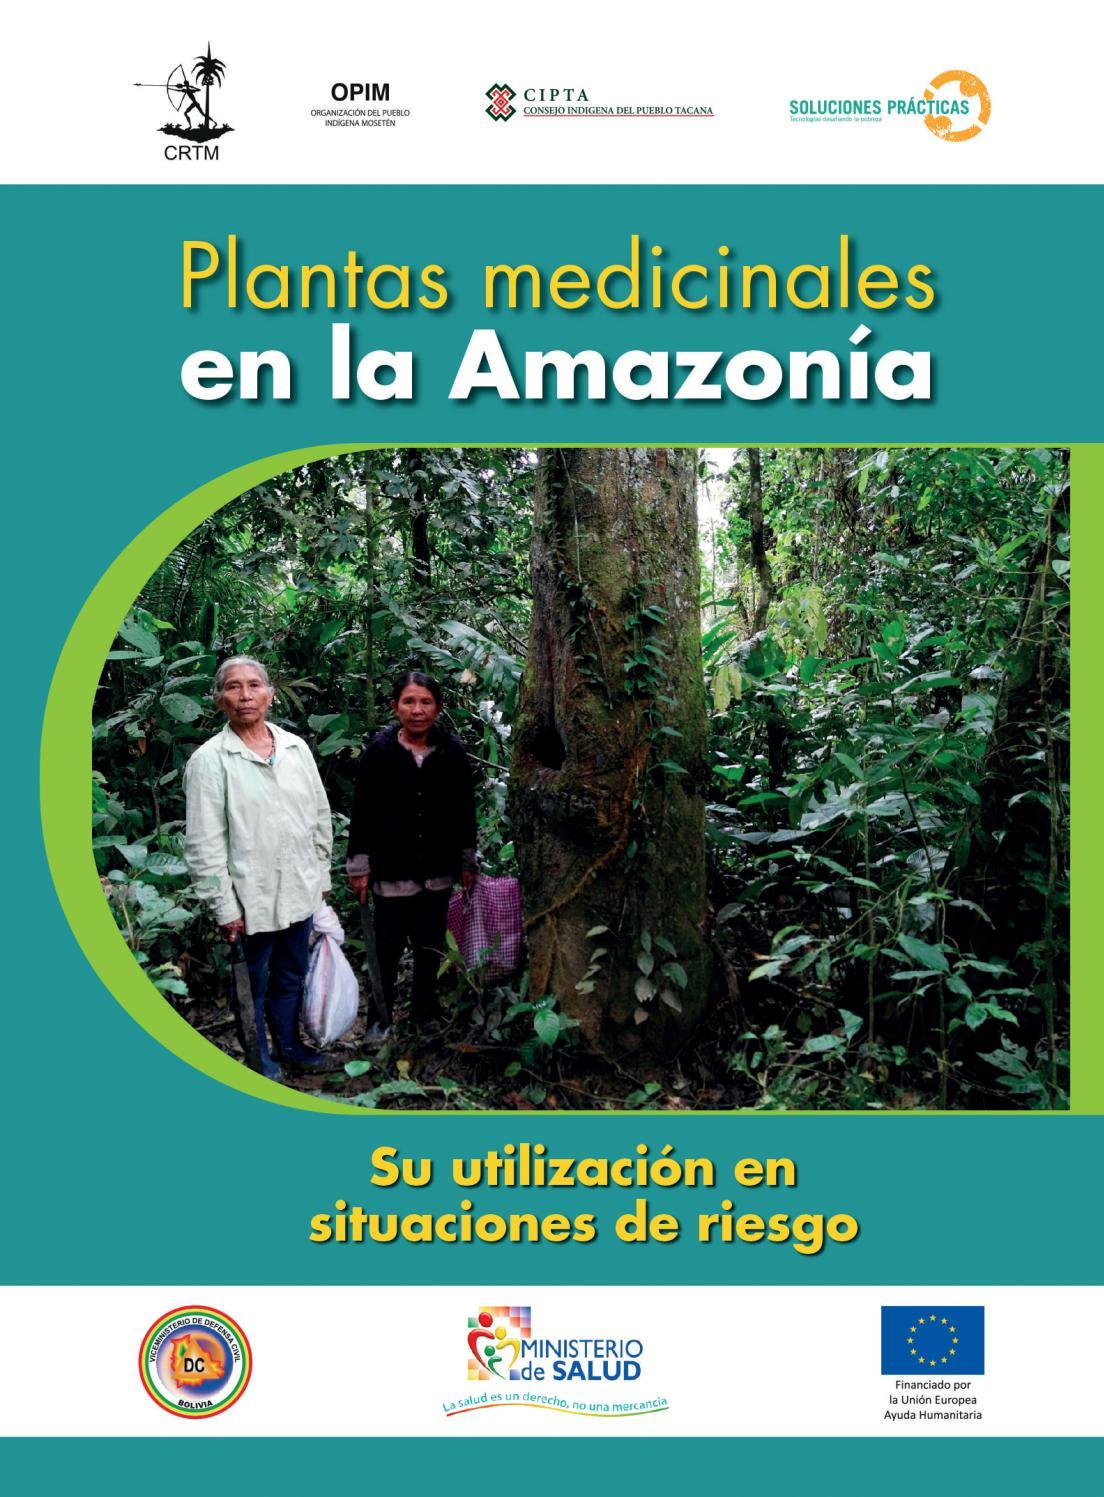 Inventario de plantas medicinales by FAO BOLIVIA/DOCUMENTACIÓN - issuu